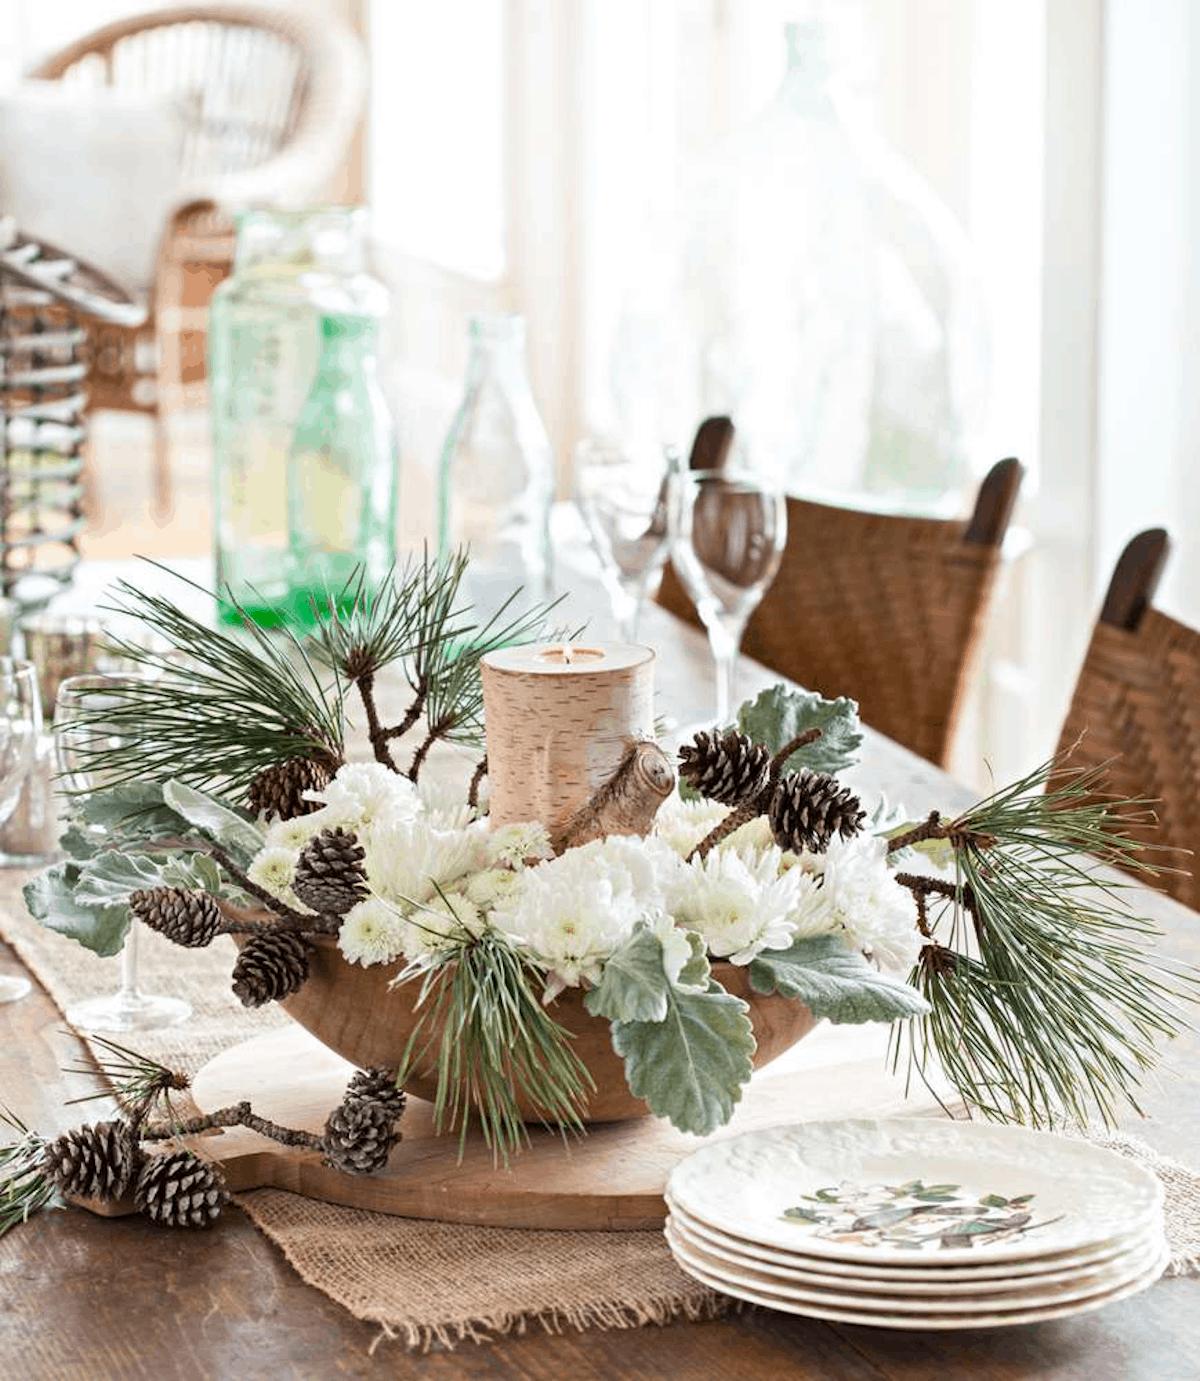 Cómo presentar una mesa de Navidad perfecta 6